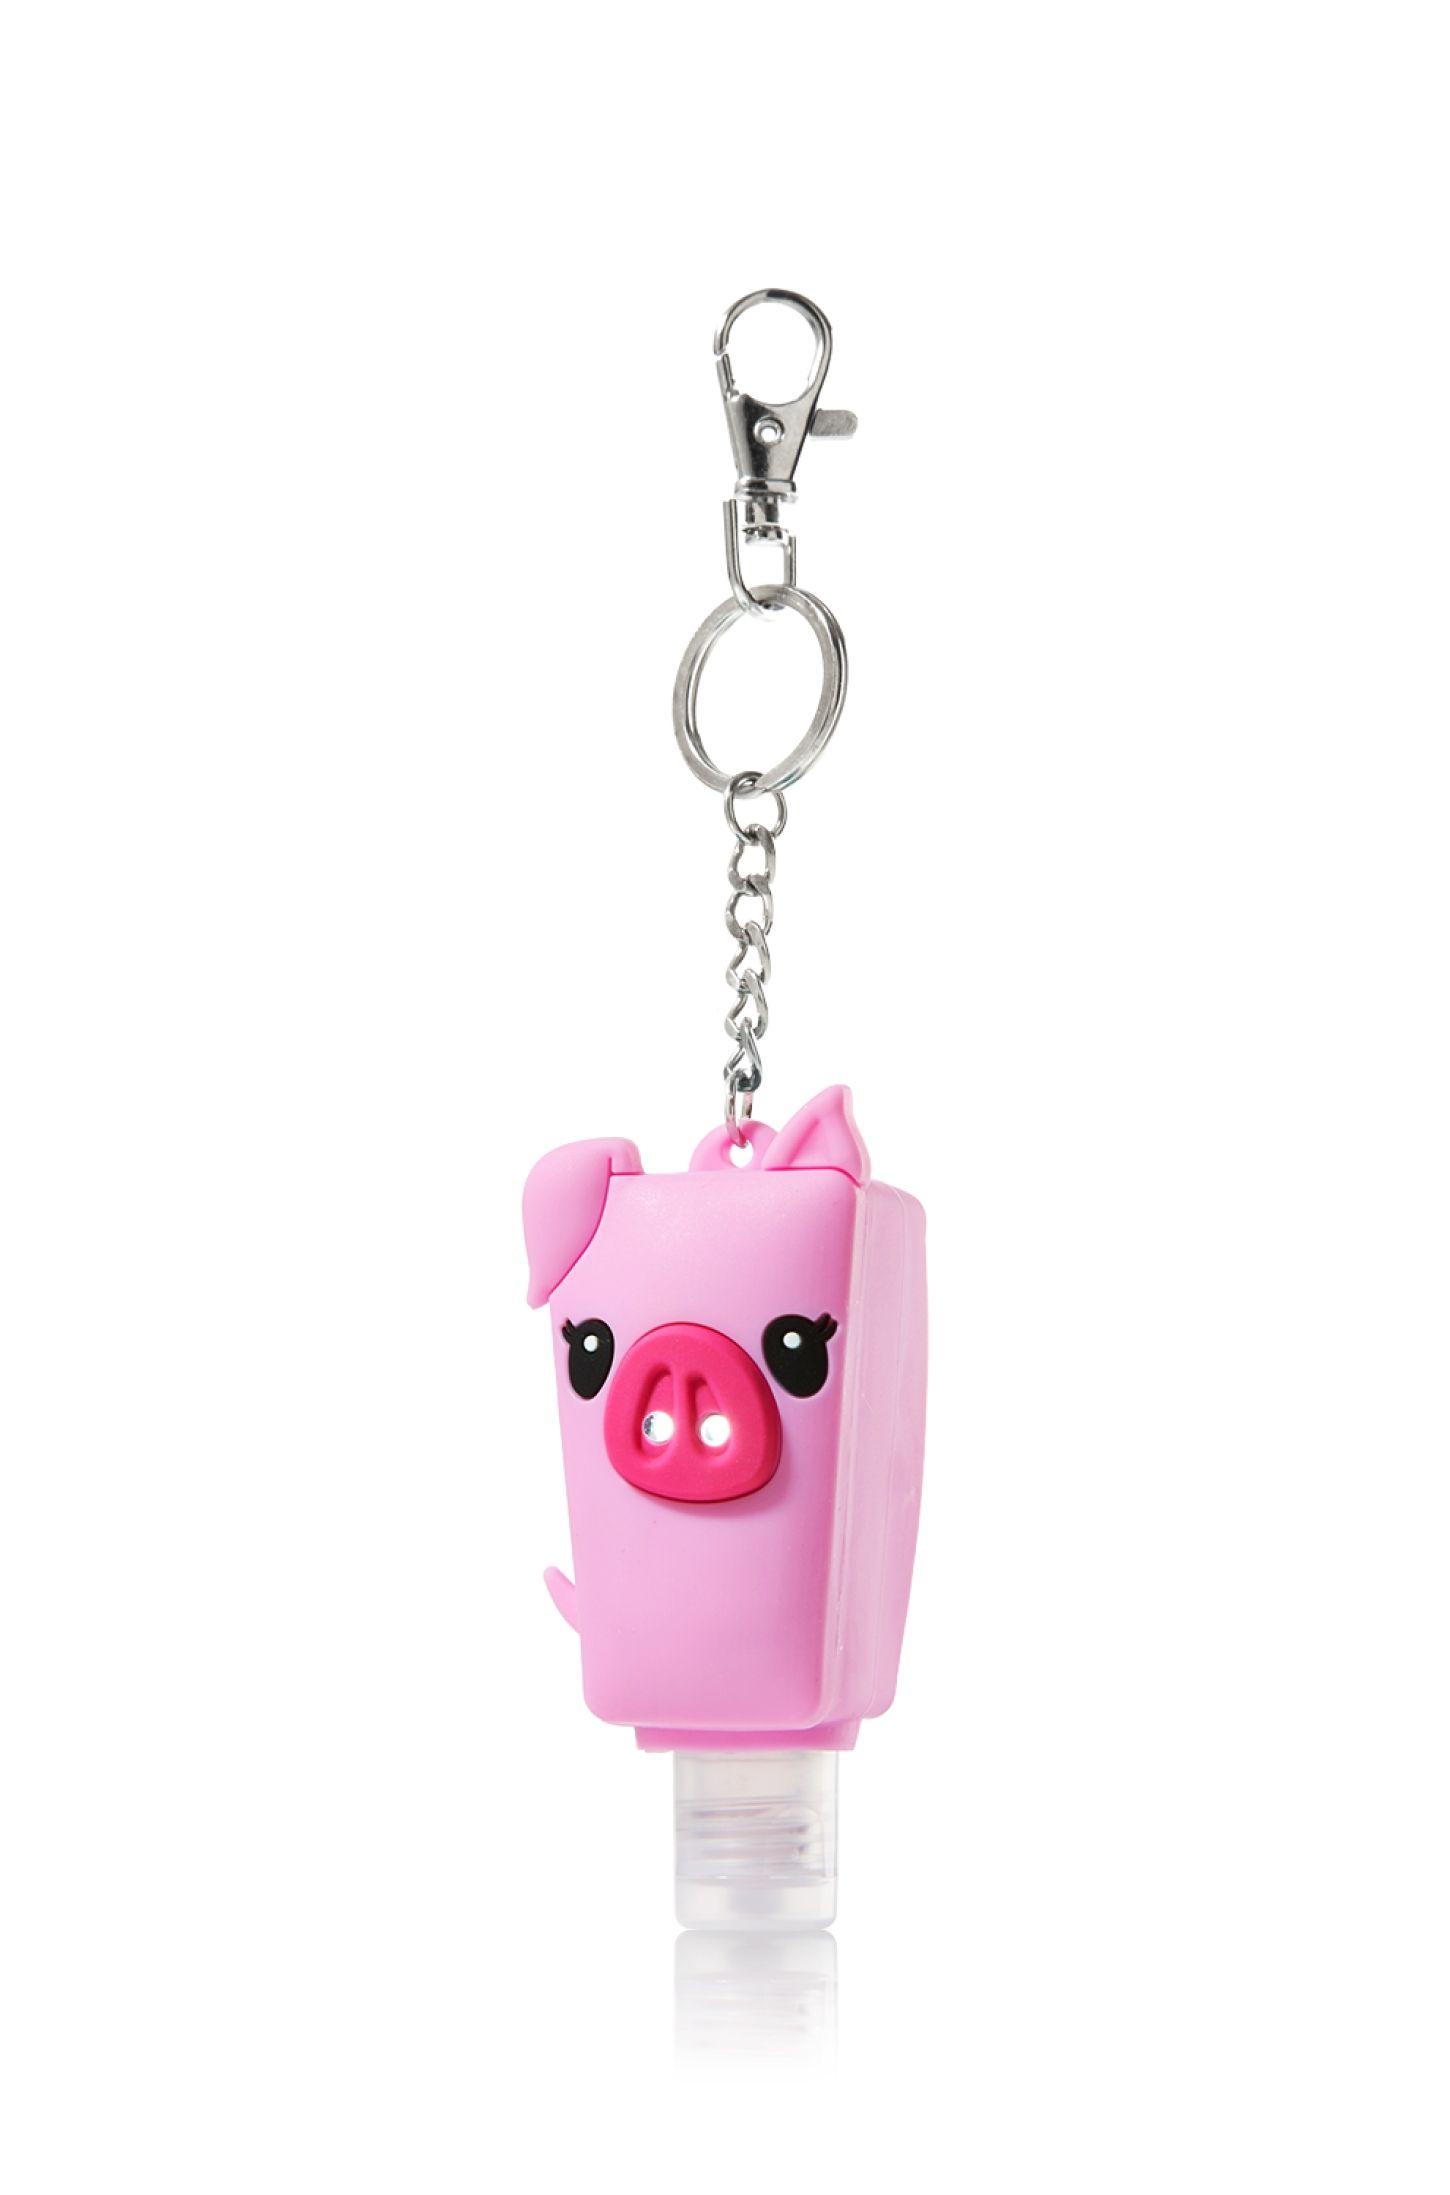 Pig Pocketbac Holder Bath Body Works Bath Body Works